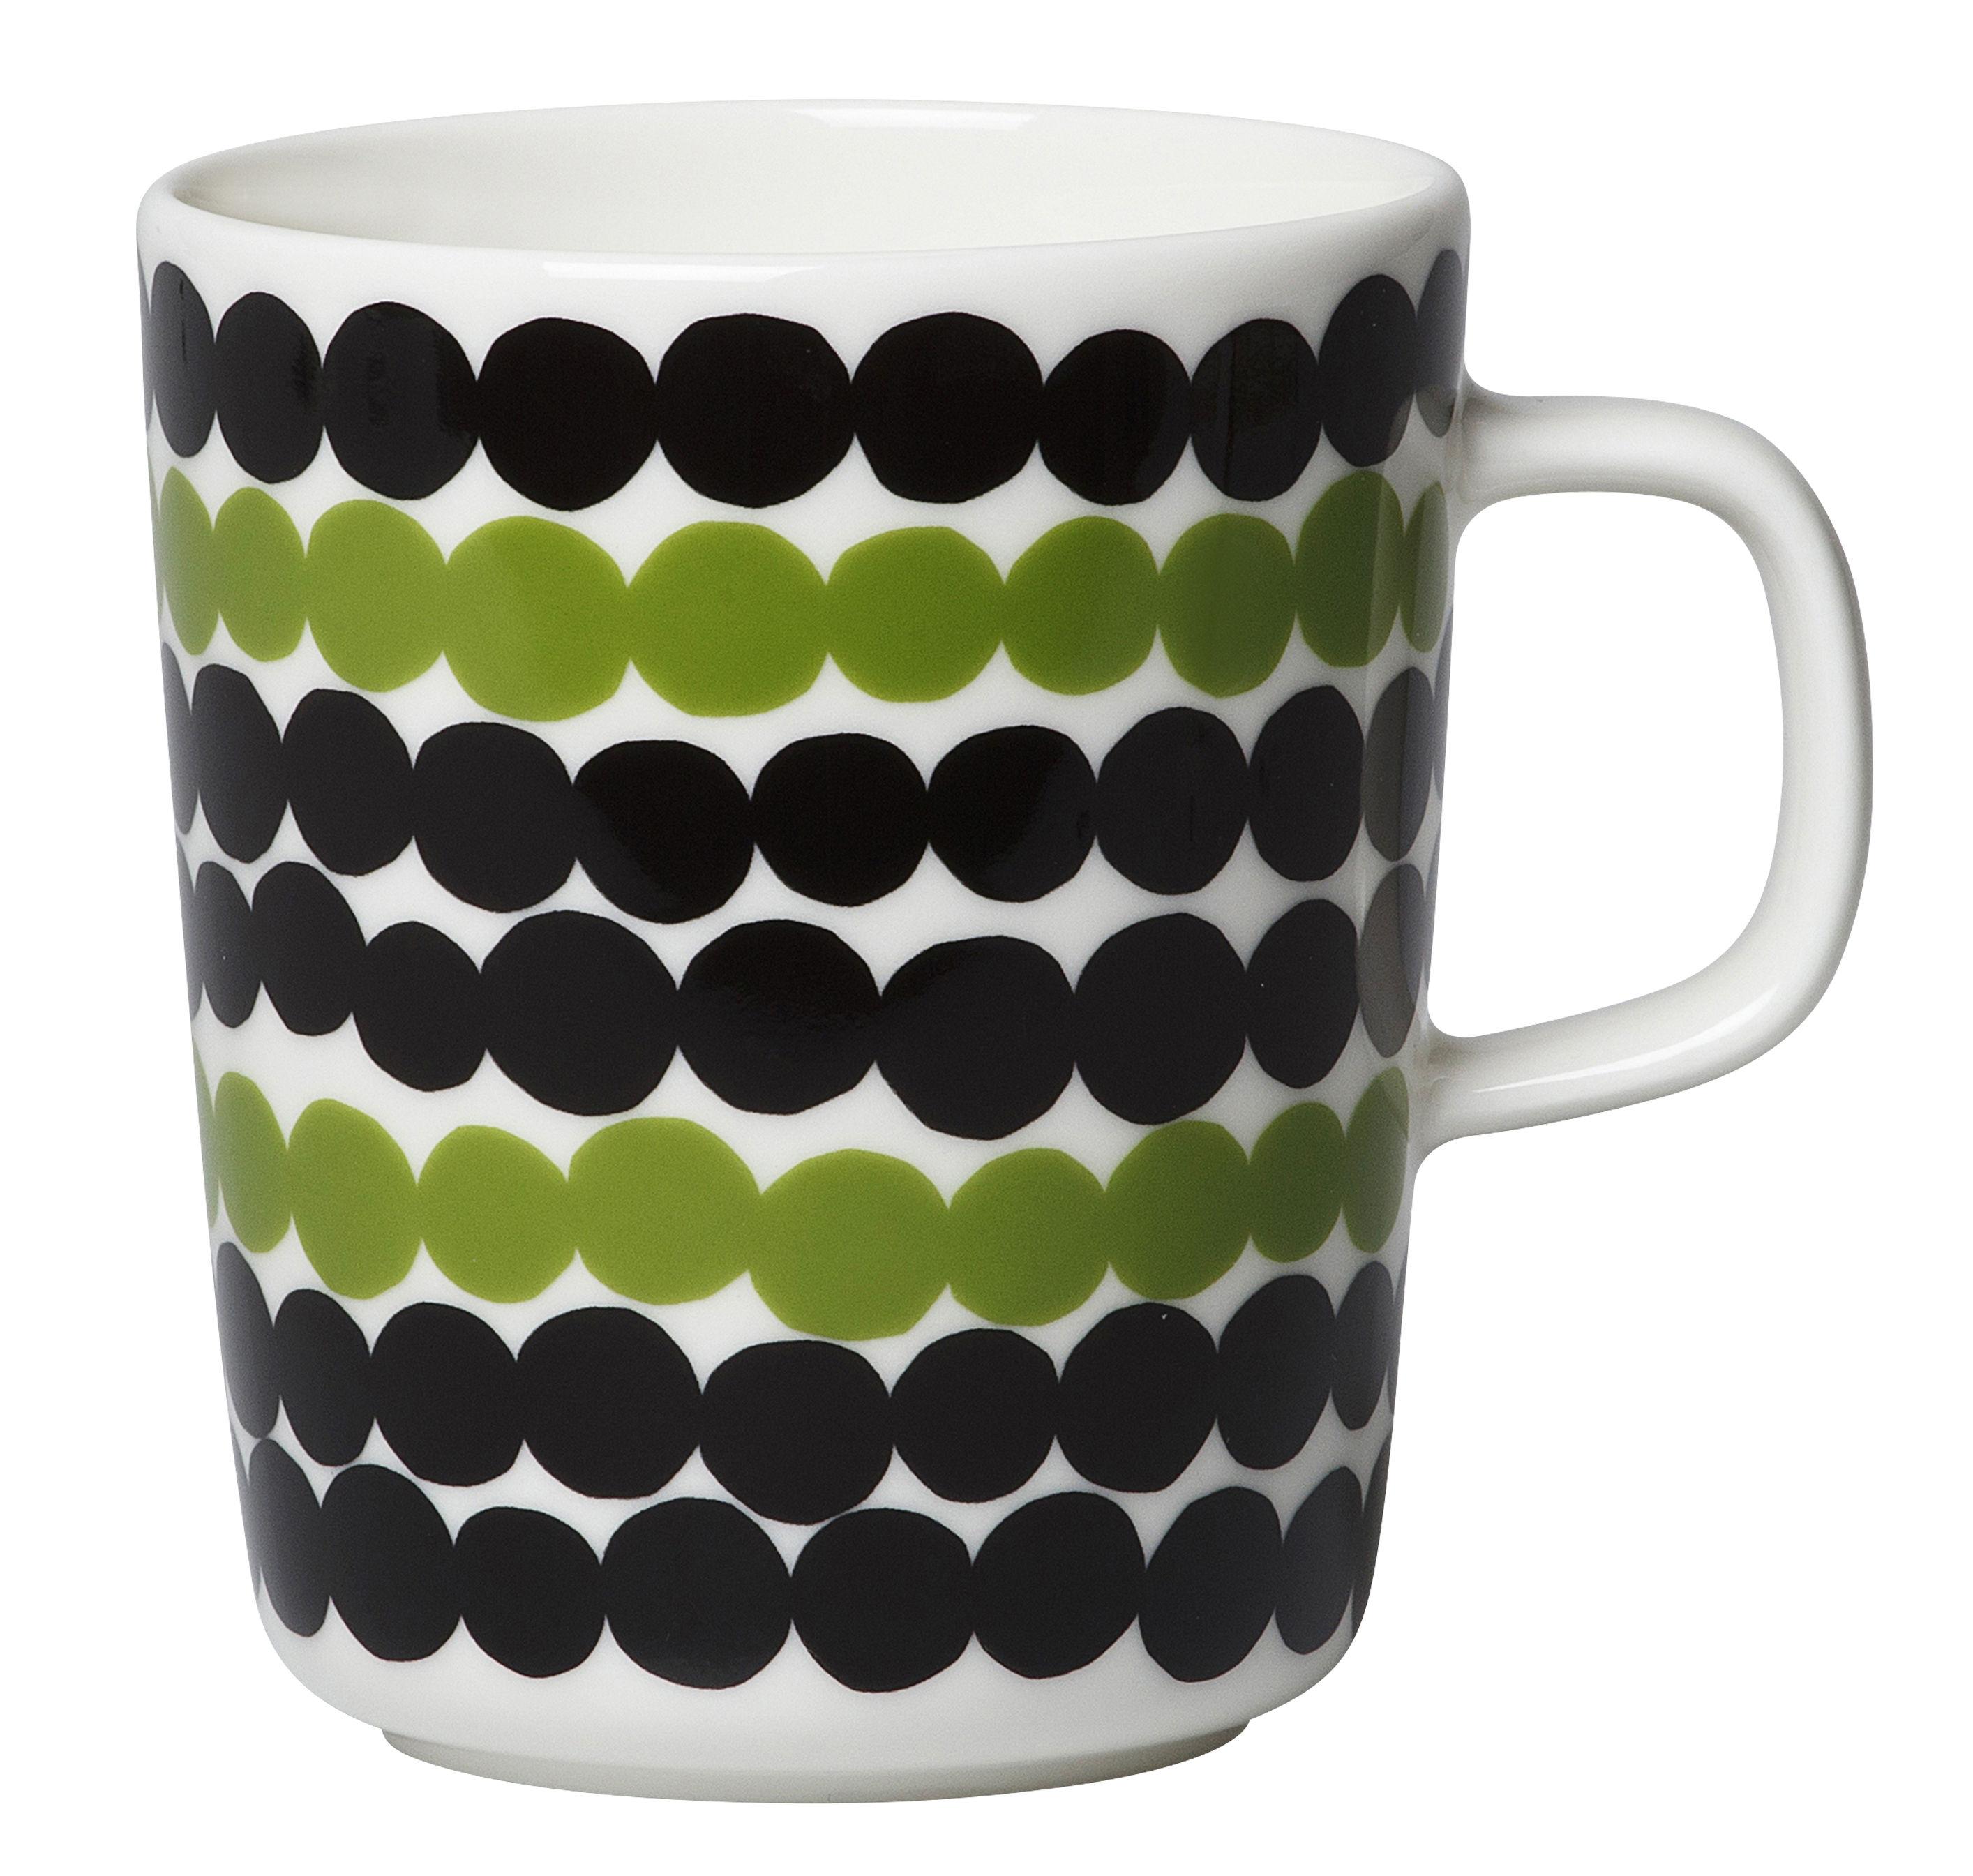 Arts de la table - Tasses et mugs - Mug Oiva Siirtolapuutarha / 25 cl - Marimekko - Räsymatto / Noir, blanc & vert - Grès